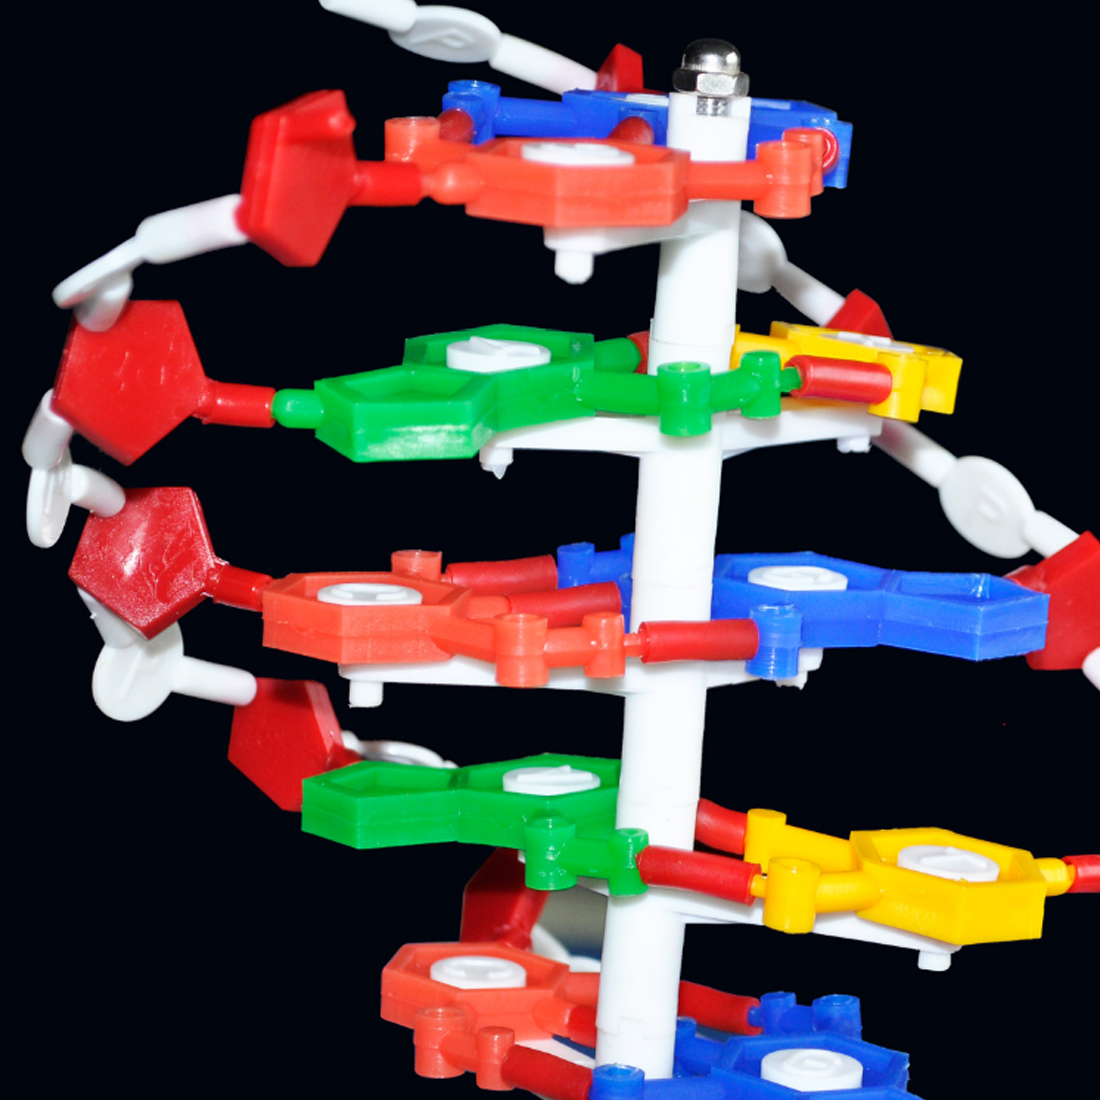 Outils pédagogiques de biologie Surwish modèle de Structure d'adn accessoires éducatifs équipement d'étude d'adn-L - 6